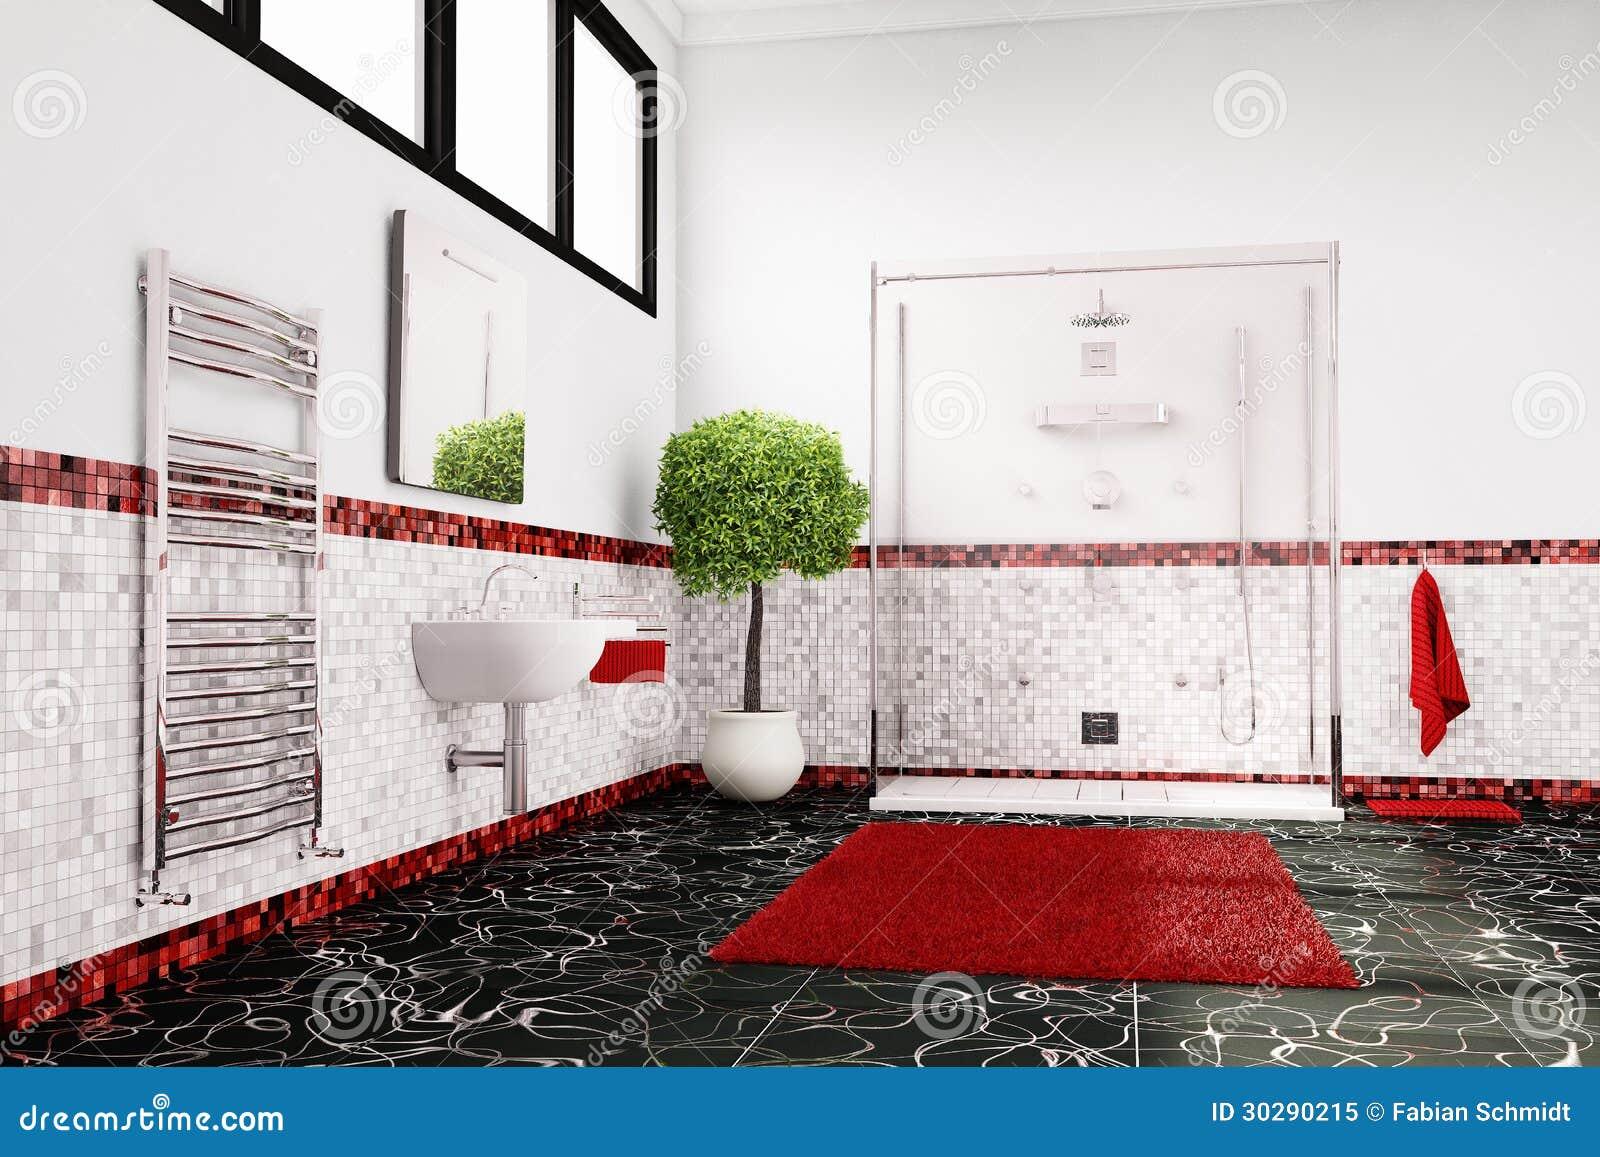 Banheiro Em Vermelho No Branco E No Preto Foto de Stock Royalty Free  #861B1B 1300x957 Banheiro Branco Como Decorar